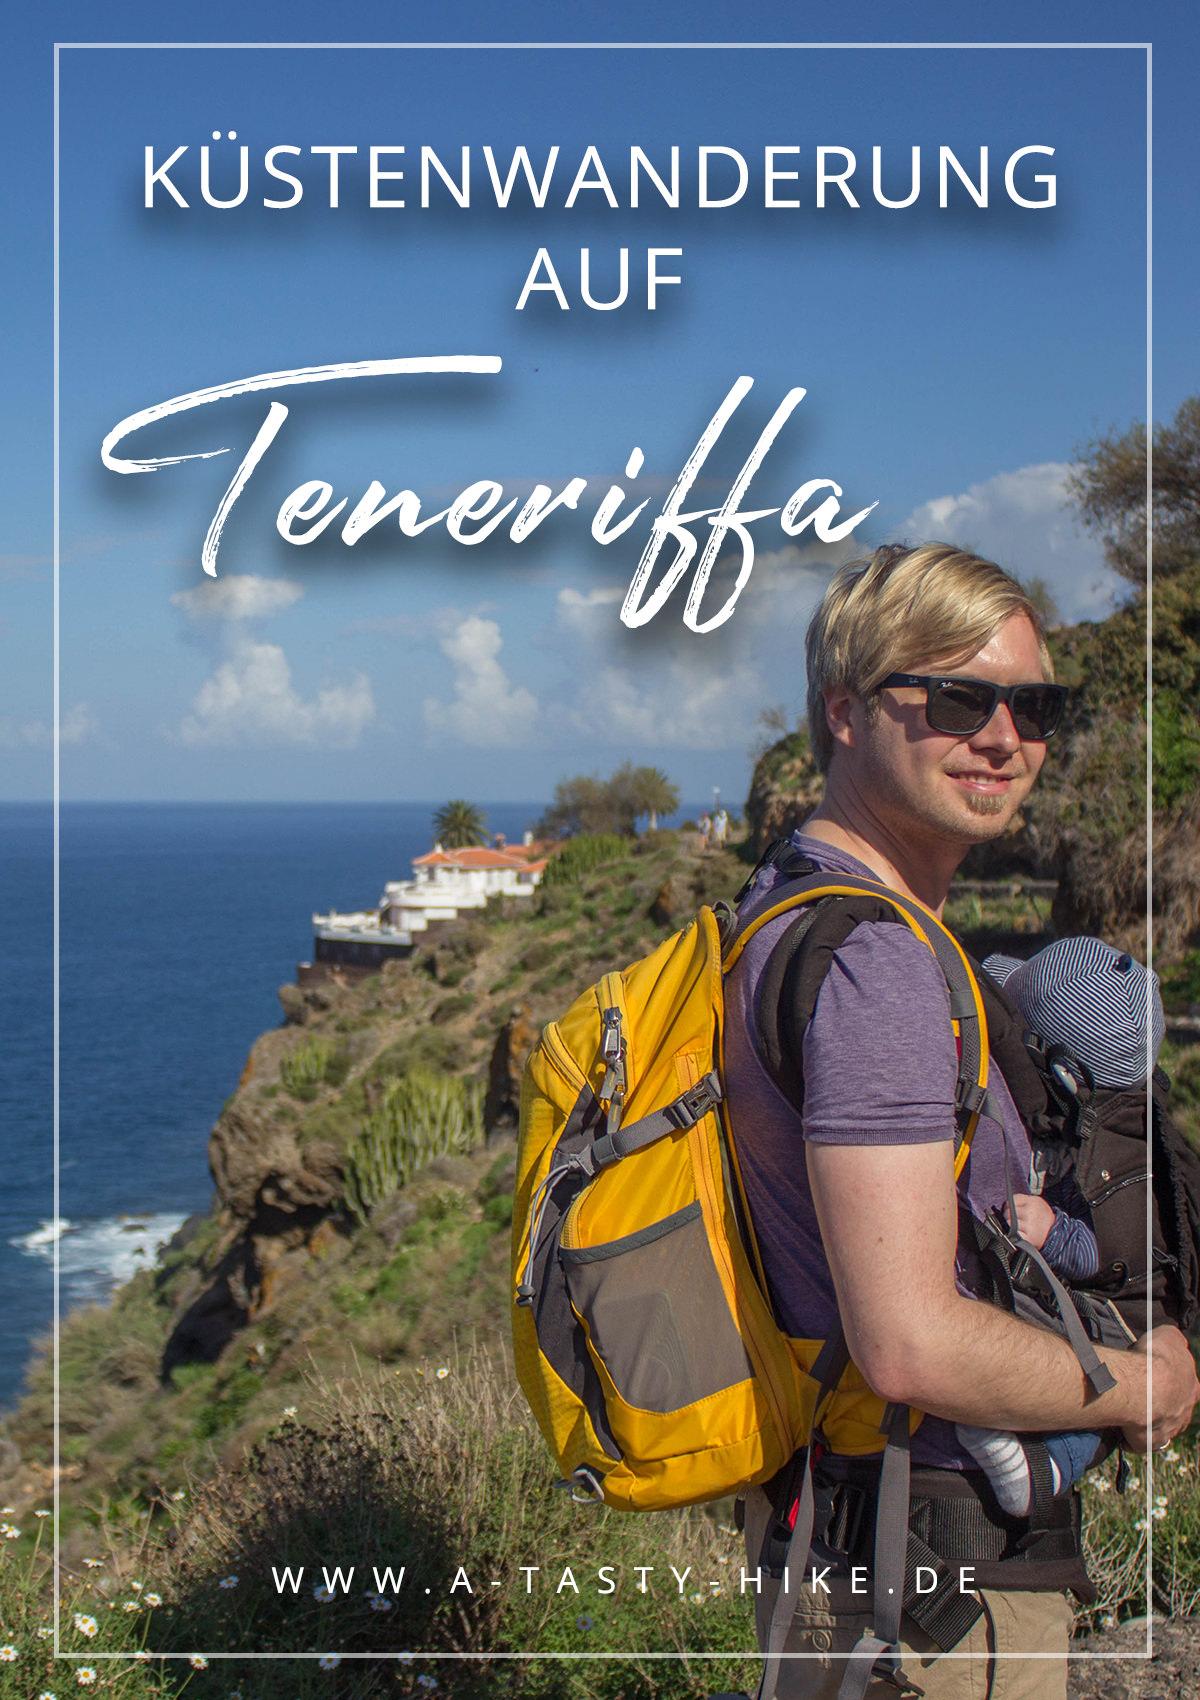 Wandern auf Teneriffa - Bei dieser Wanderung auf Teneriffa wanderst du um den Vulkan Garachico und erlebst ein atemberaubendes Naturschauspiel. Solche Landschaften bekommst du wirklich nur sehr selten zu sehen! #Teneriffa #WandernaufTeneriffa #WandernTeneriffa #Garachico #Vulkan